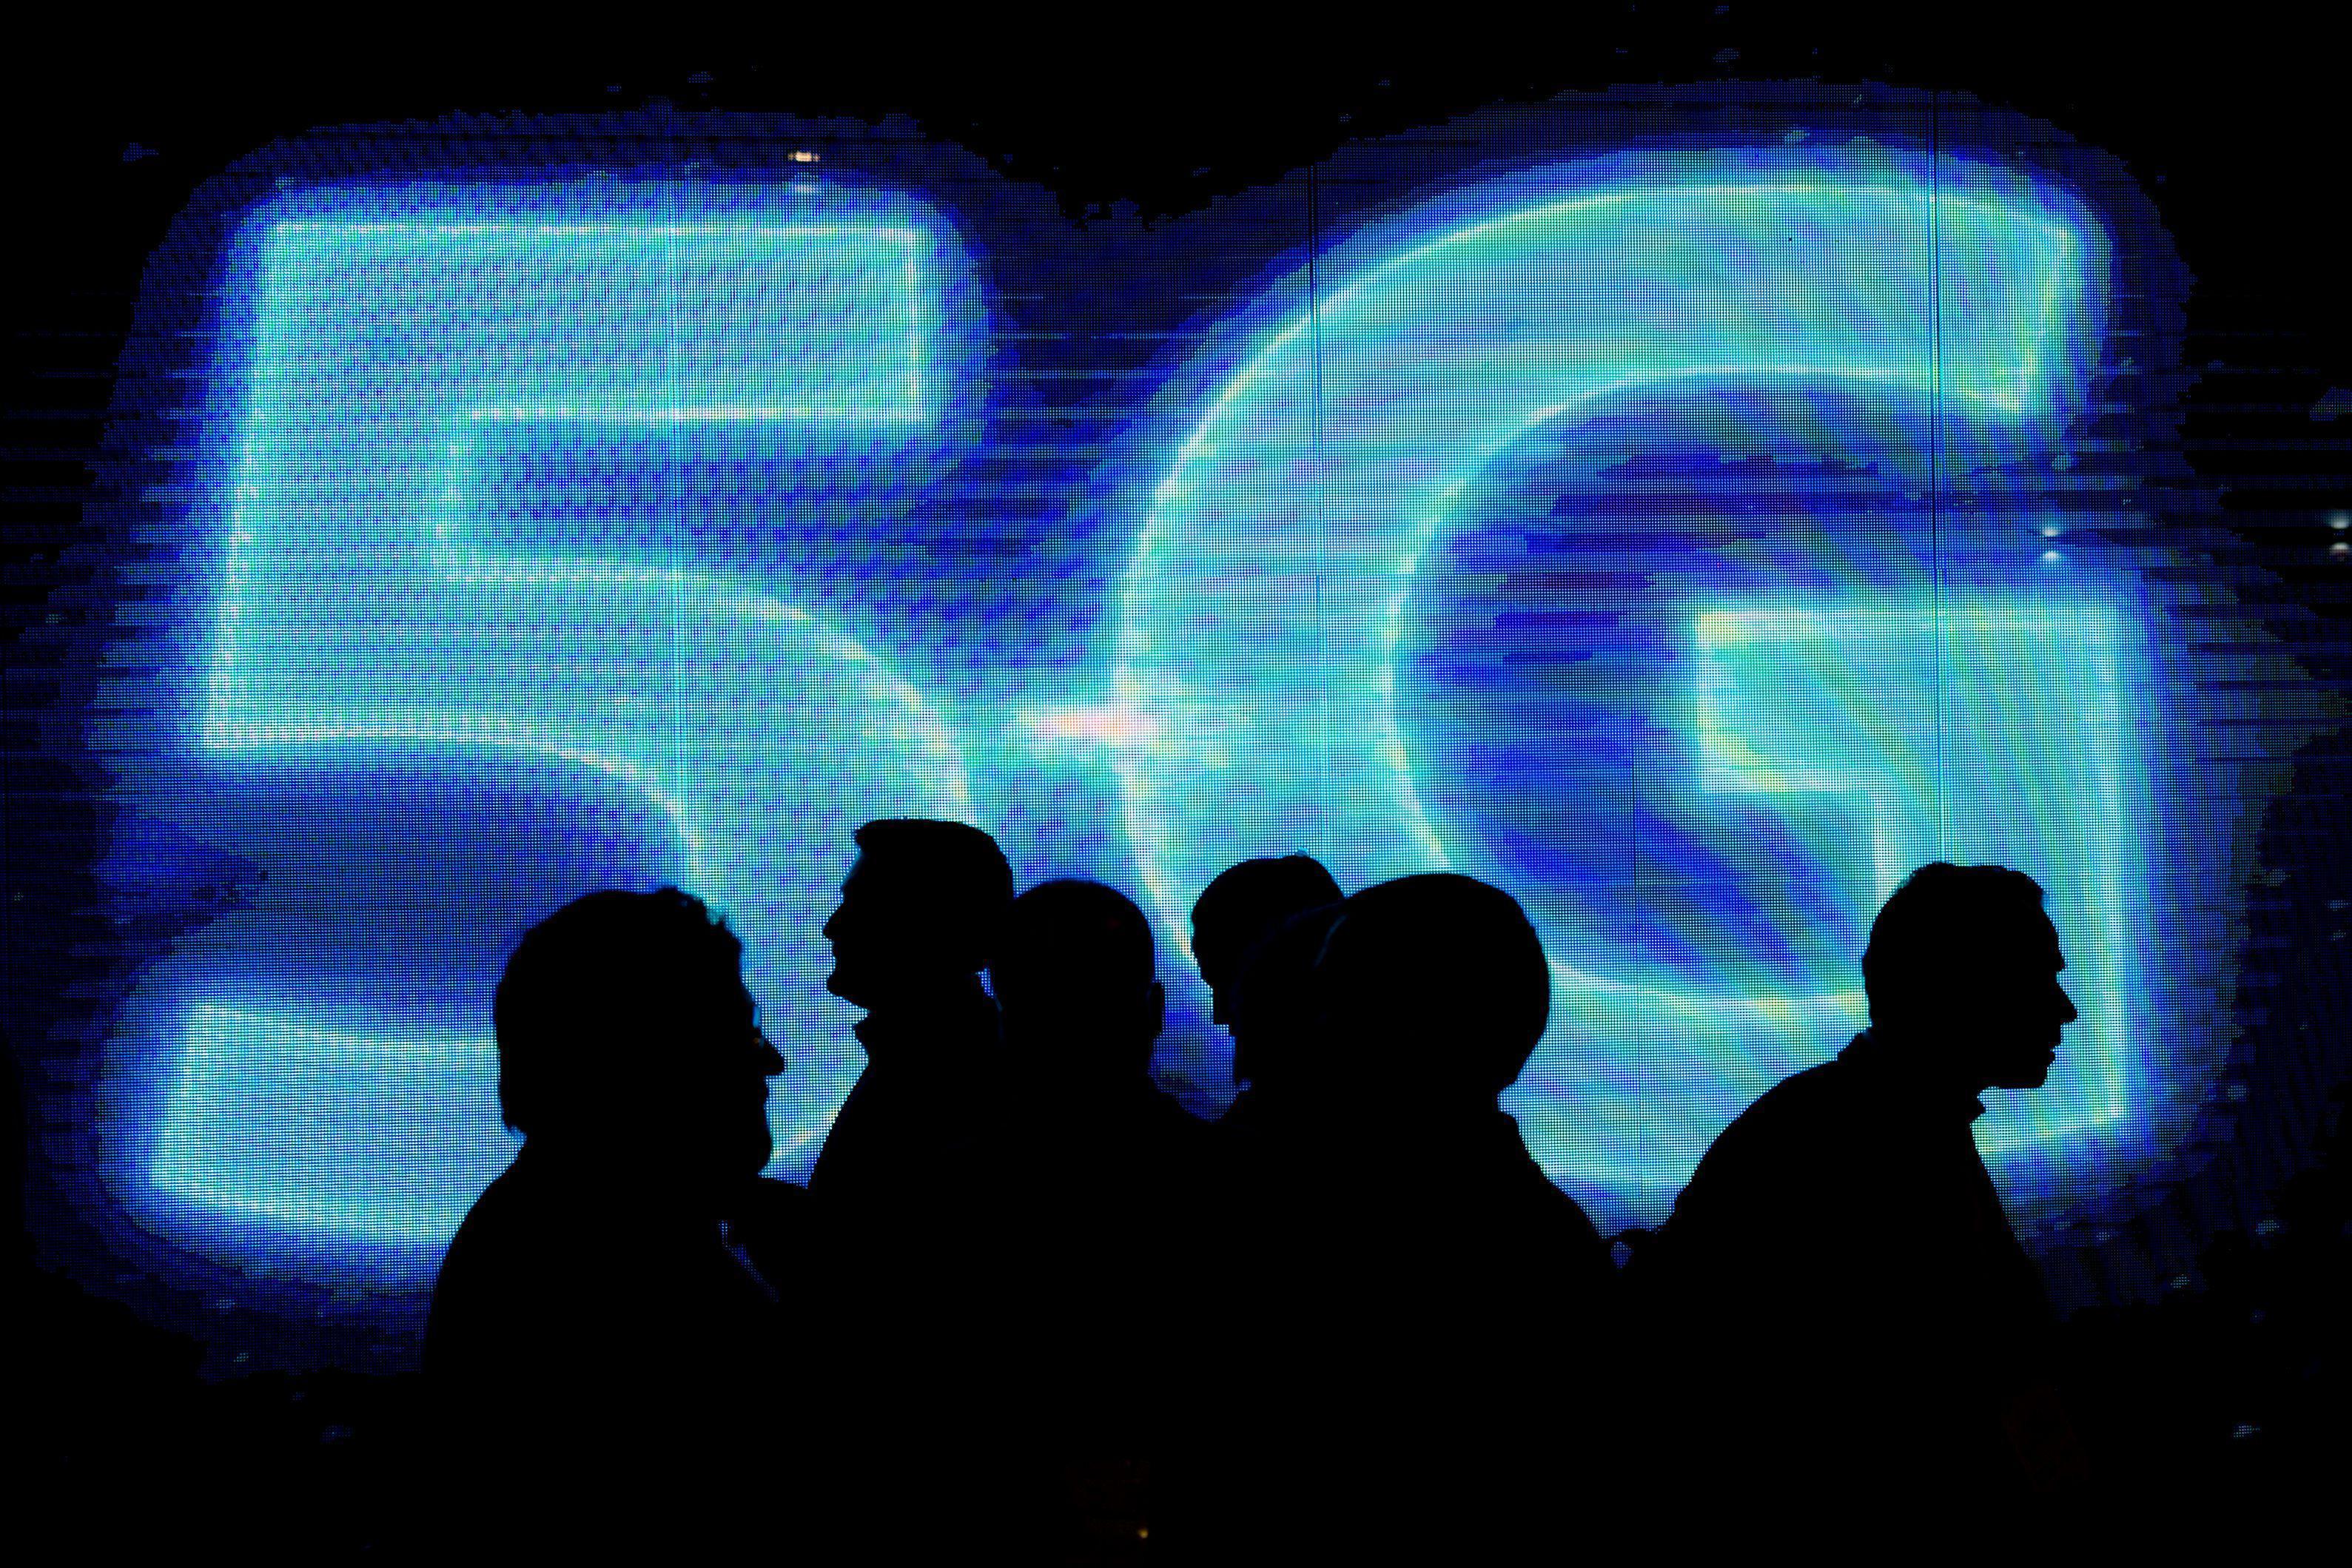 أعلن المستشار السابق فيليب هاموند عن استثمار بقيمة 16 مليون جنيه إسترليني لشبكة 5G للهواتف المحمولة في المملكة المتحدة